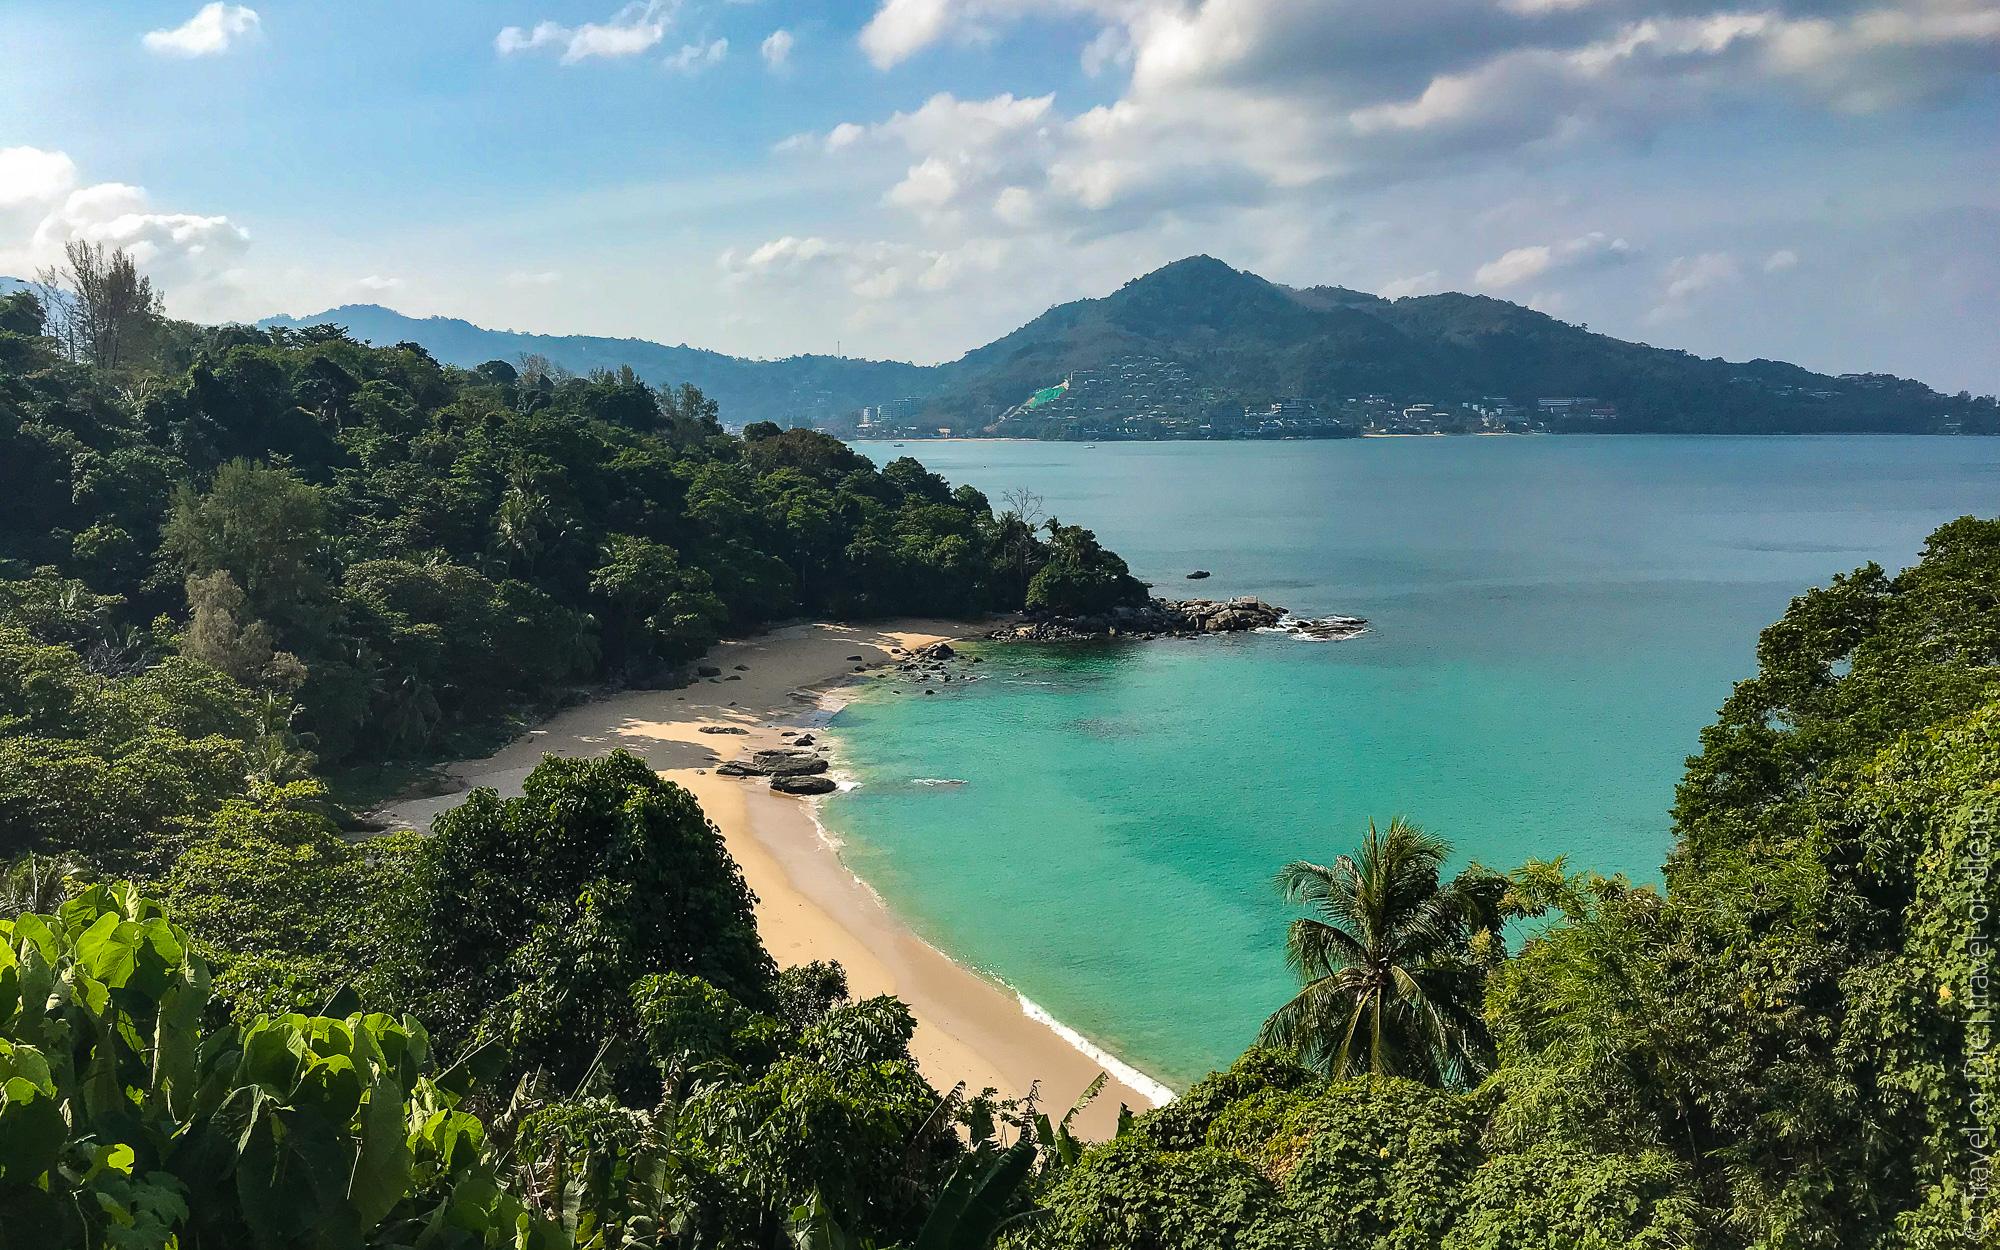 достопримечательности пхукет пляжи острова